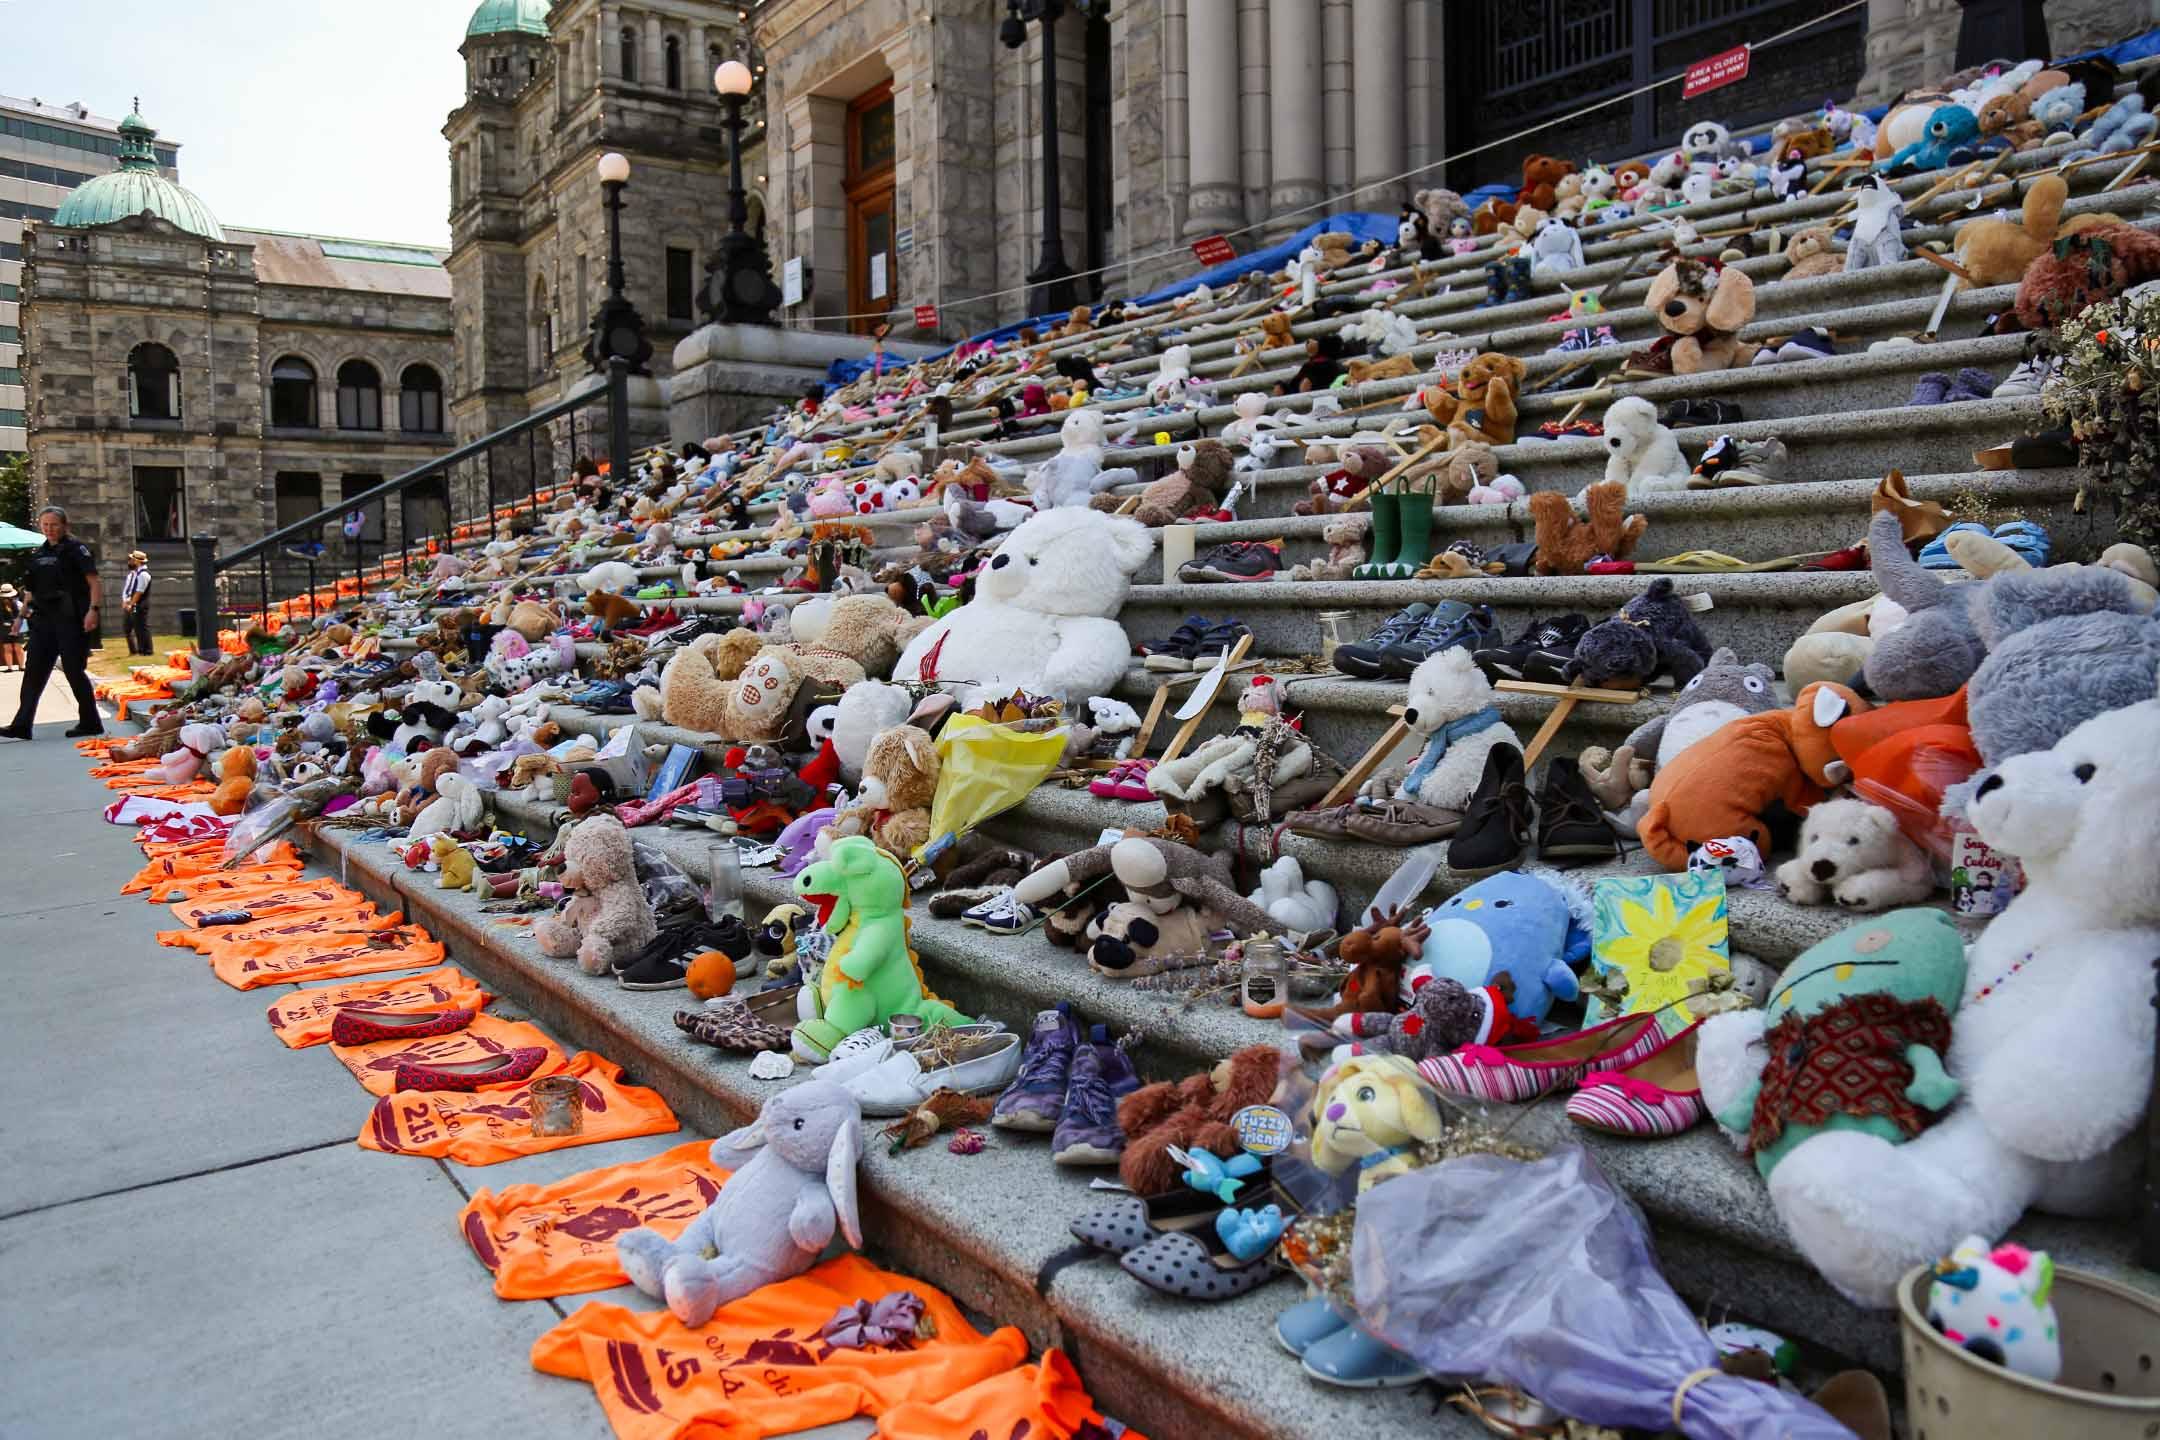 2021年6月30日加拿大不列顛哥倫比亞省議會大樓外,爲紀念埋在坎盧普斯寄宿學校的兒童而放置的玩具和鞋子。